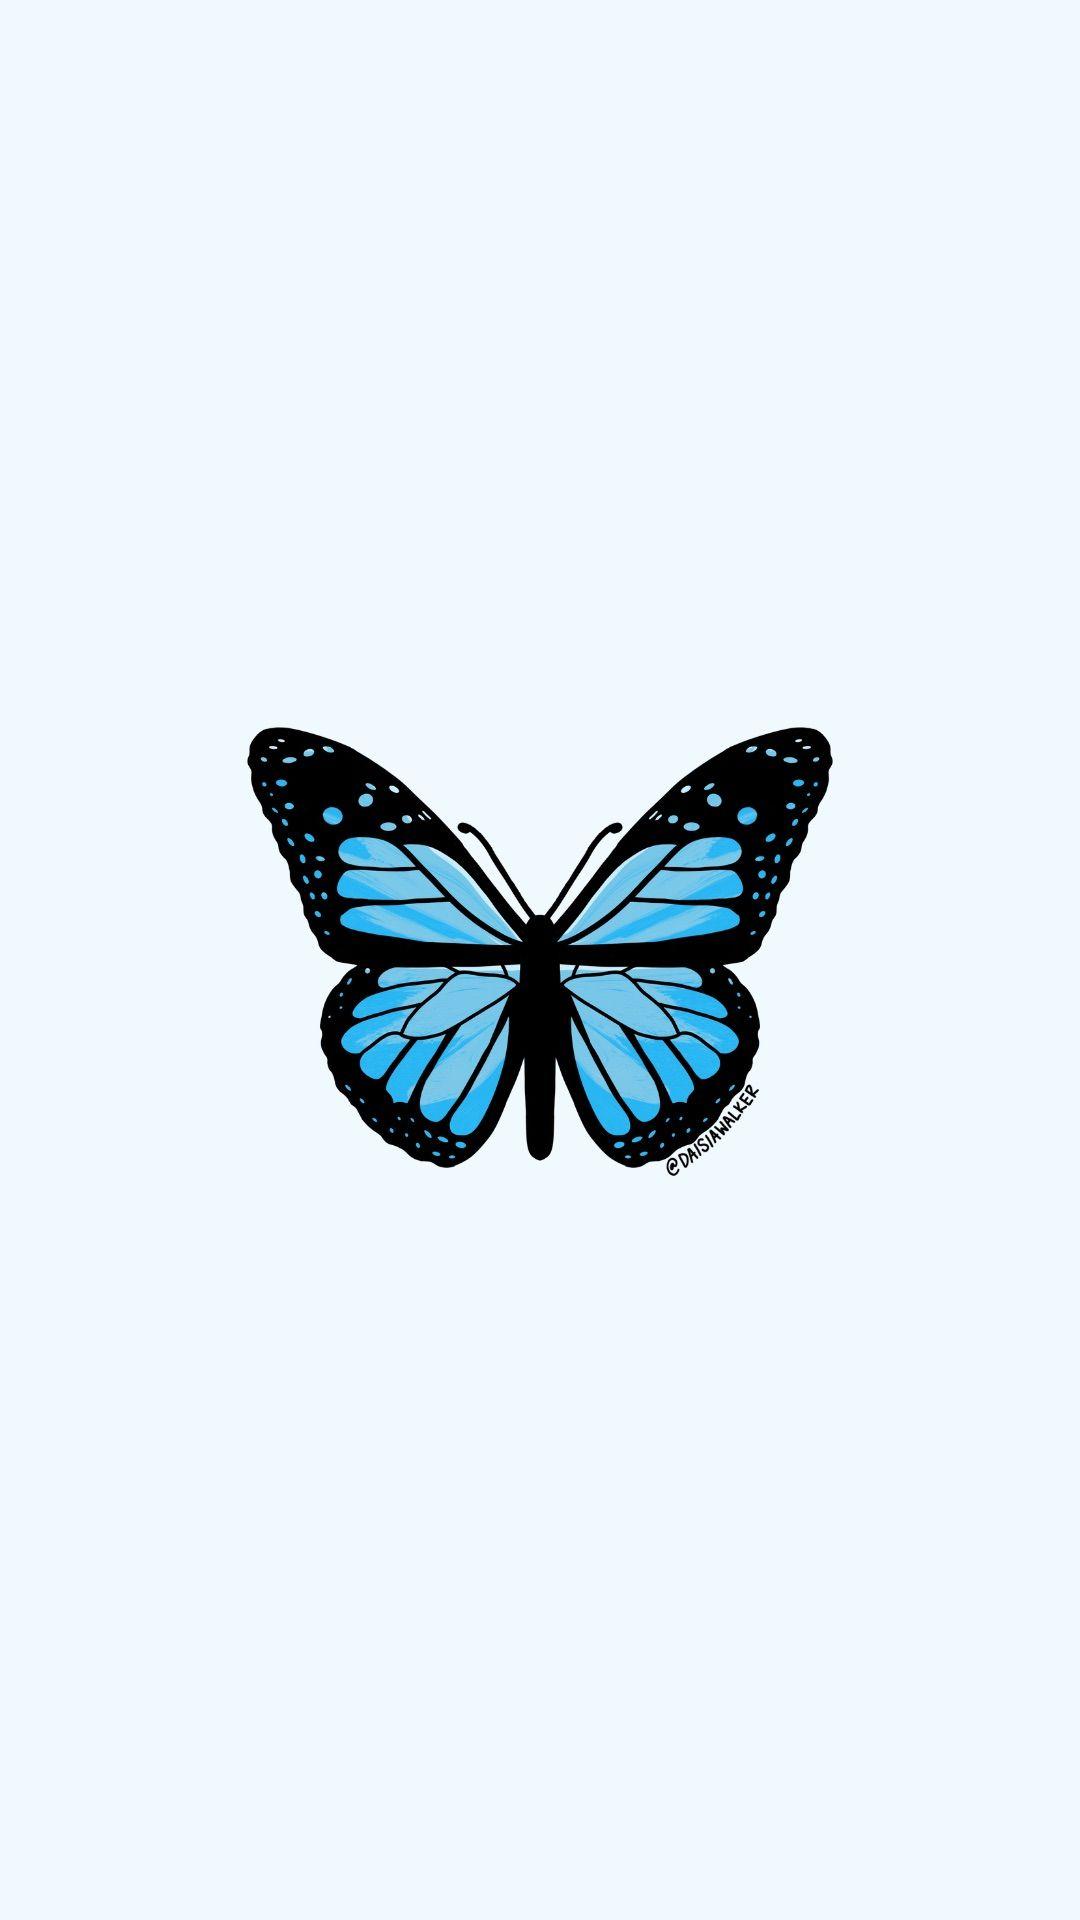 Pastel Blue Butterfly Cute Aesthetic Butterfly Wallpaper Novocom Top